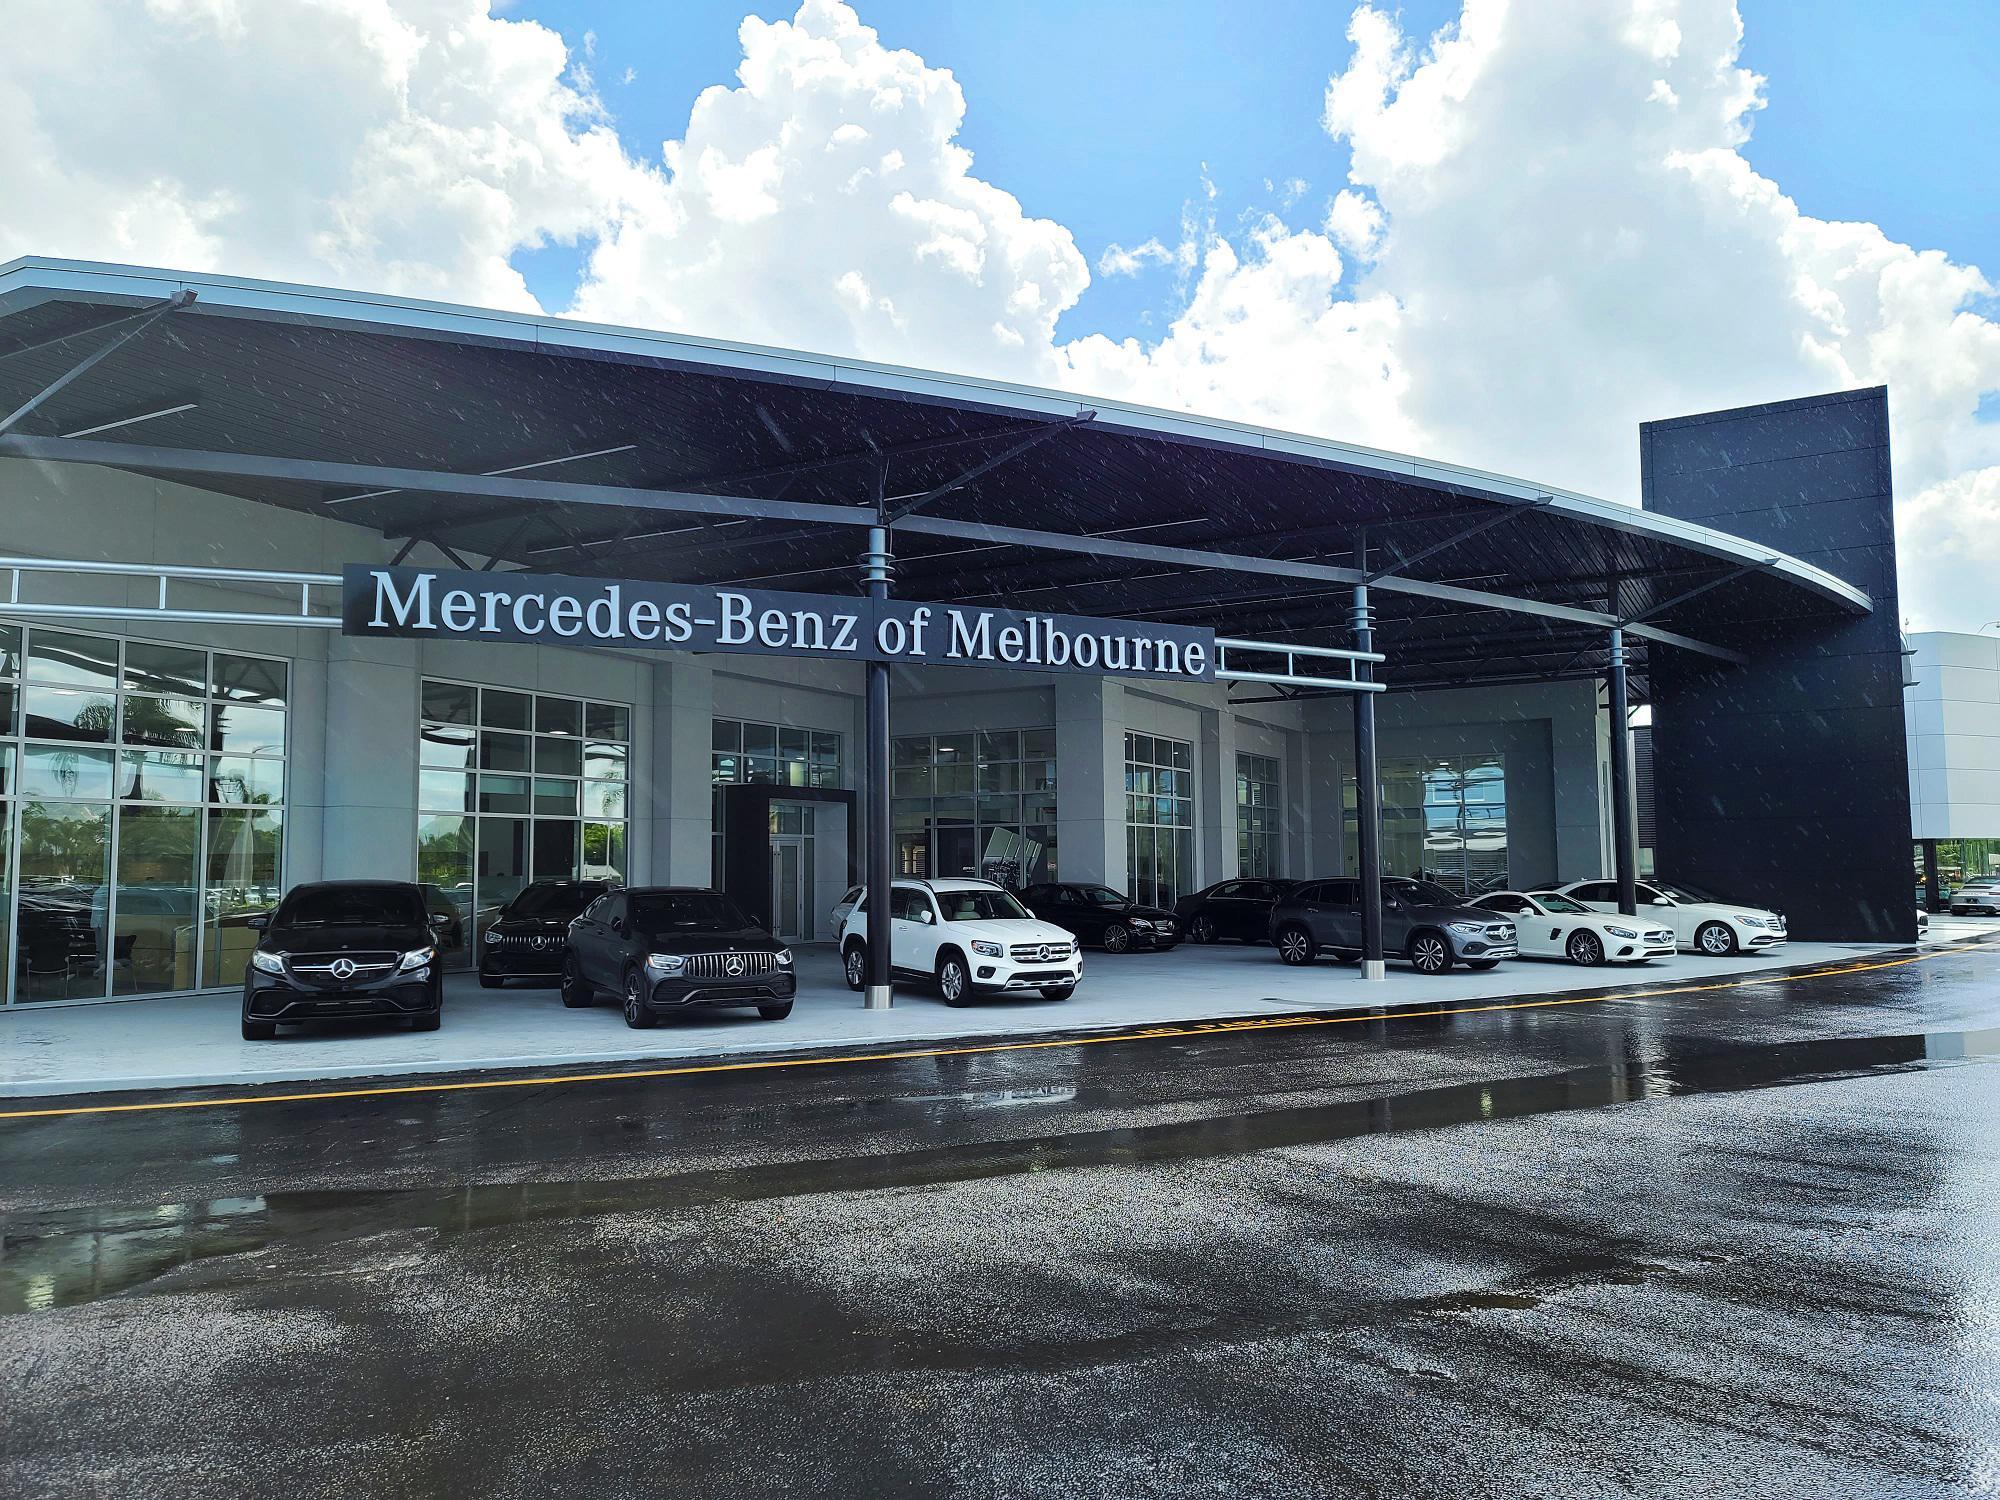 mercedes benz of melbourne 509 e nasa boulevard melbourne fl auto dealers mapquest mercedes benz of melbourne 509 e nasa